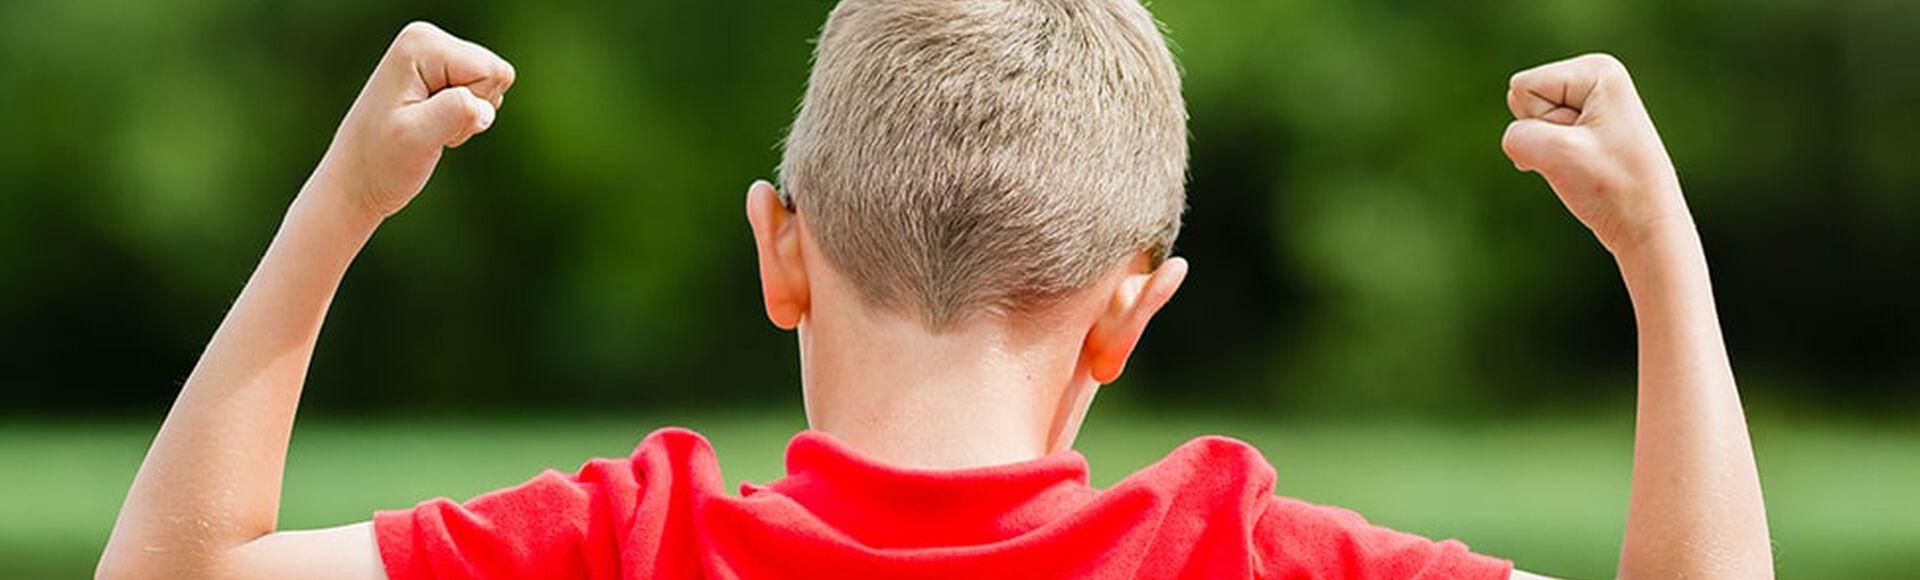 Niño con camisa roja celebra con los brazos